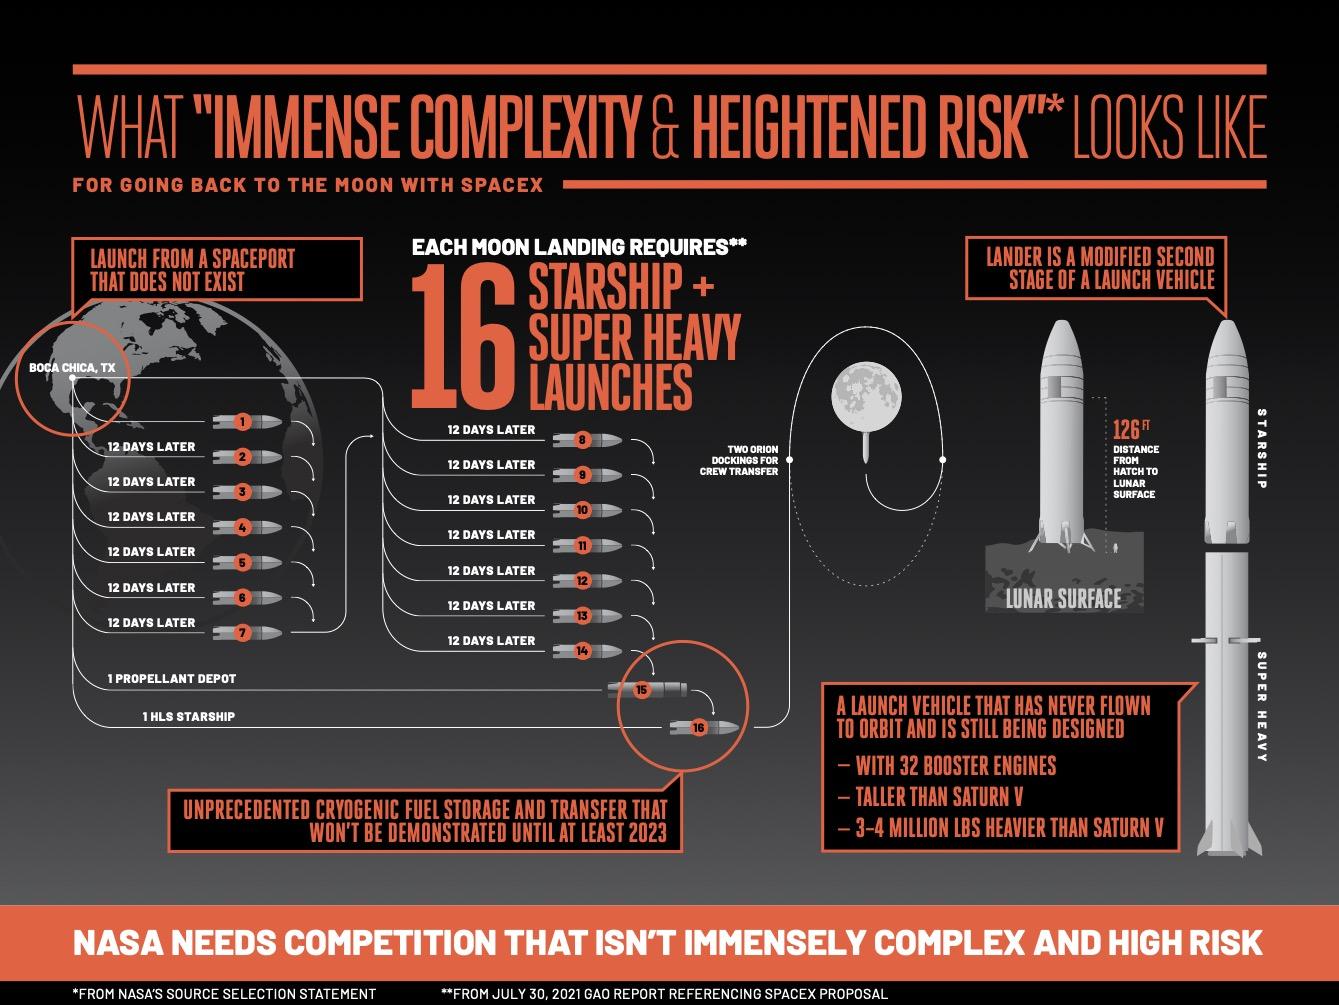 Infographic Credit: Blue Origin